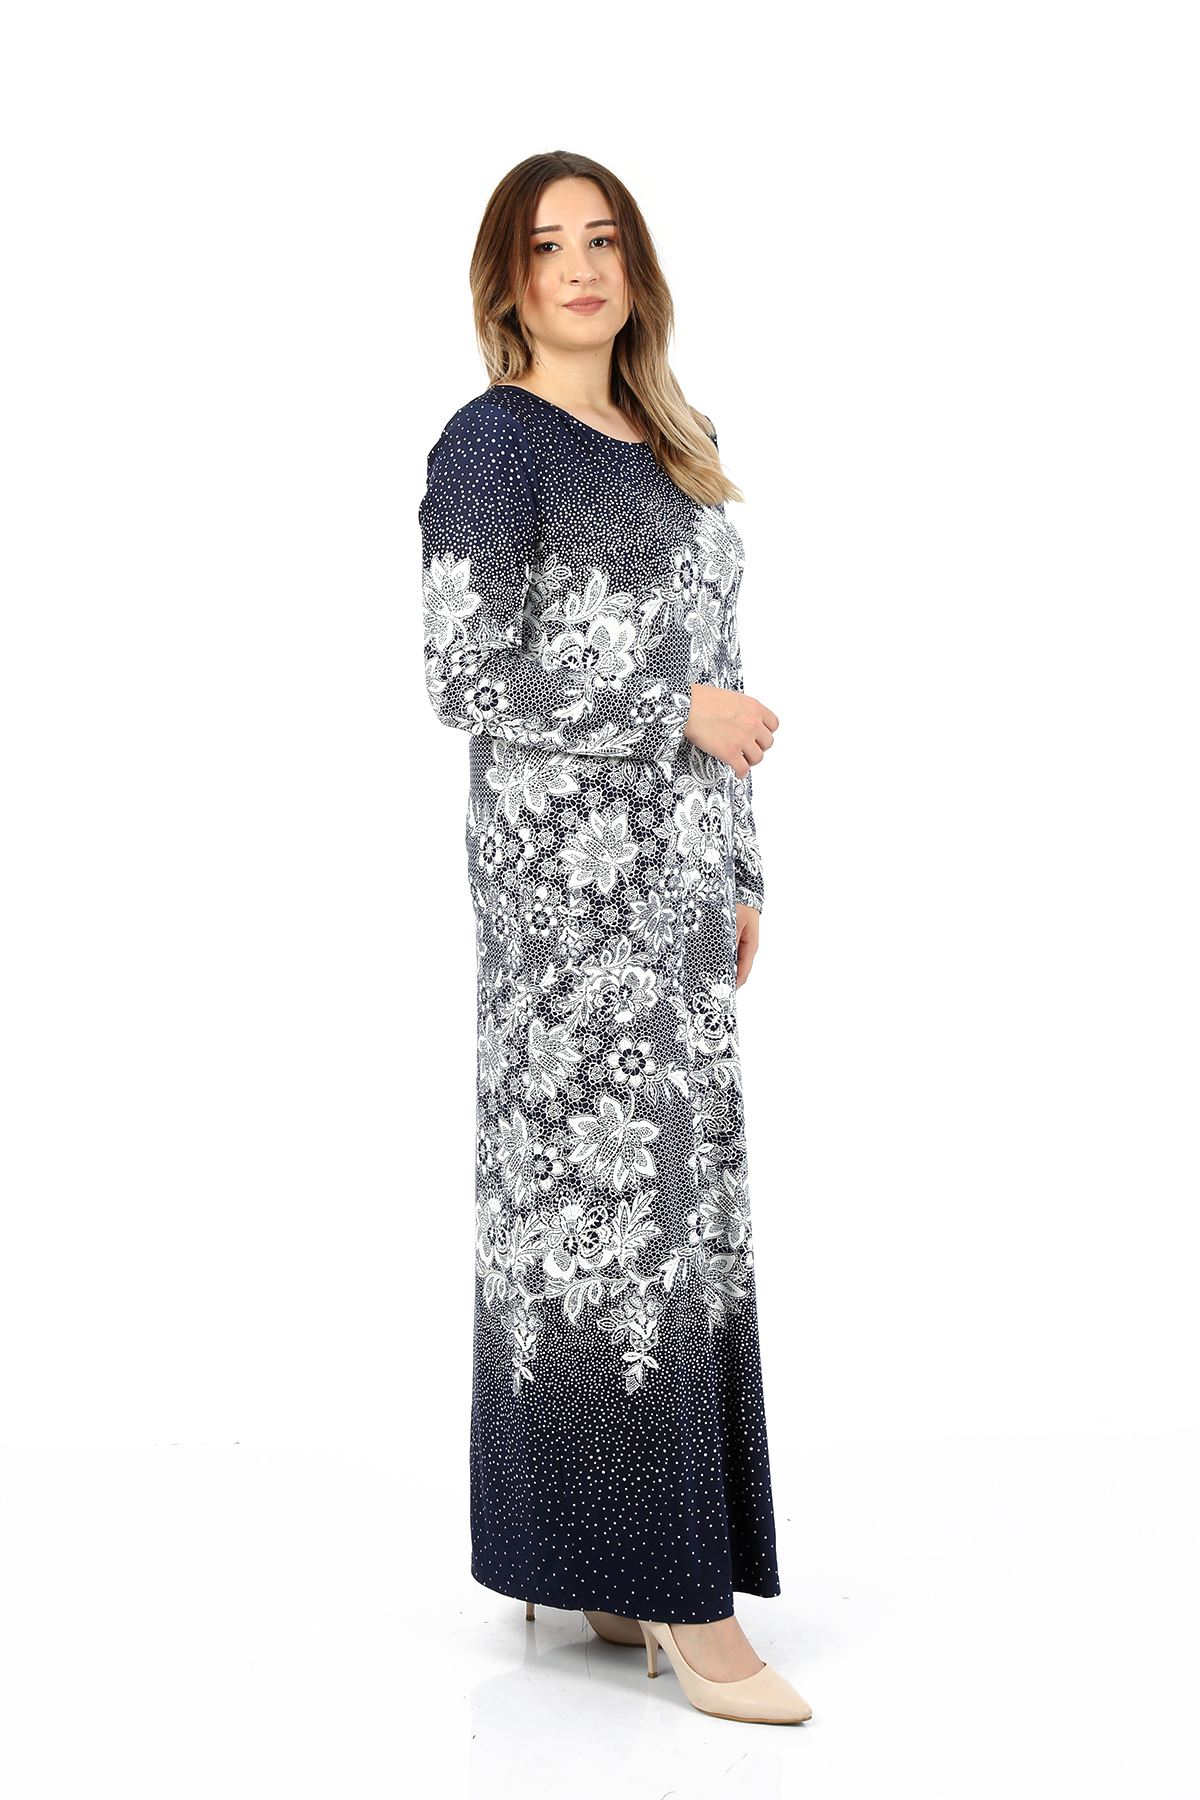 Kadın Lacivert Büyük Beden Elbise Çiçekli